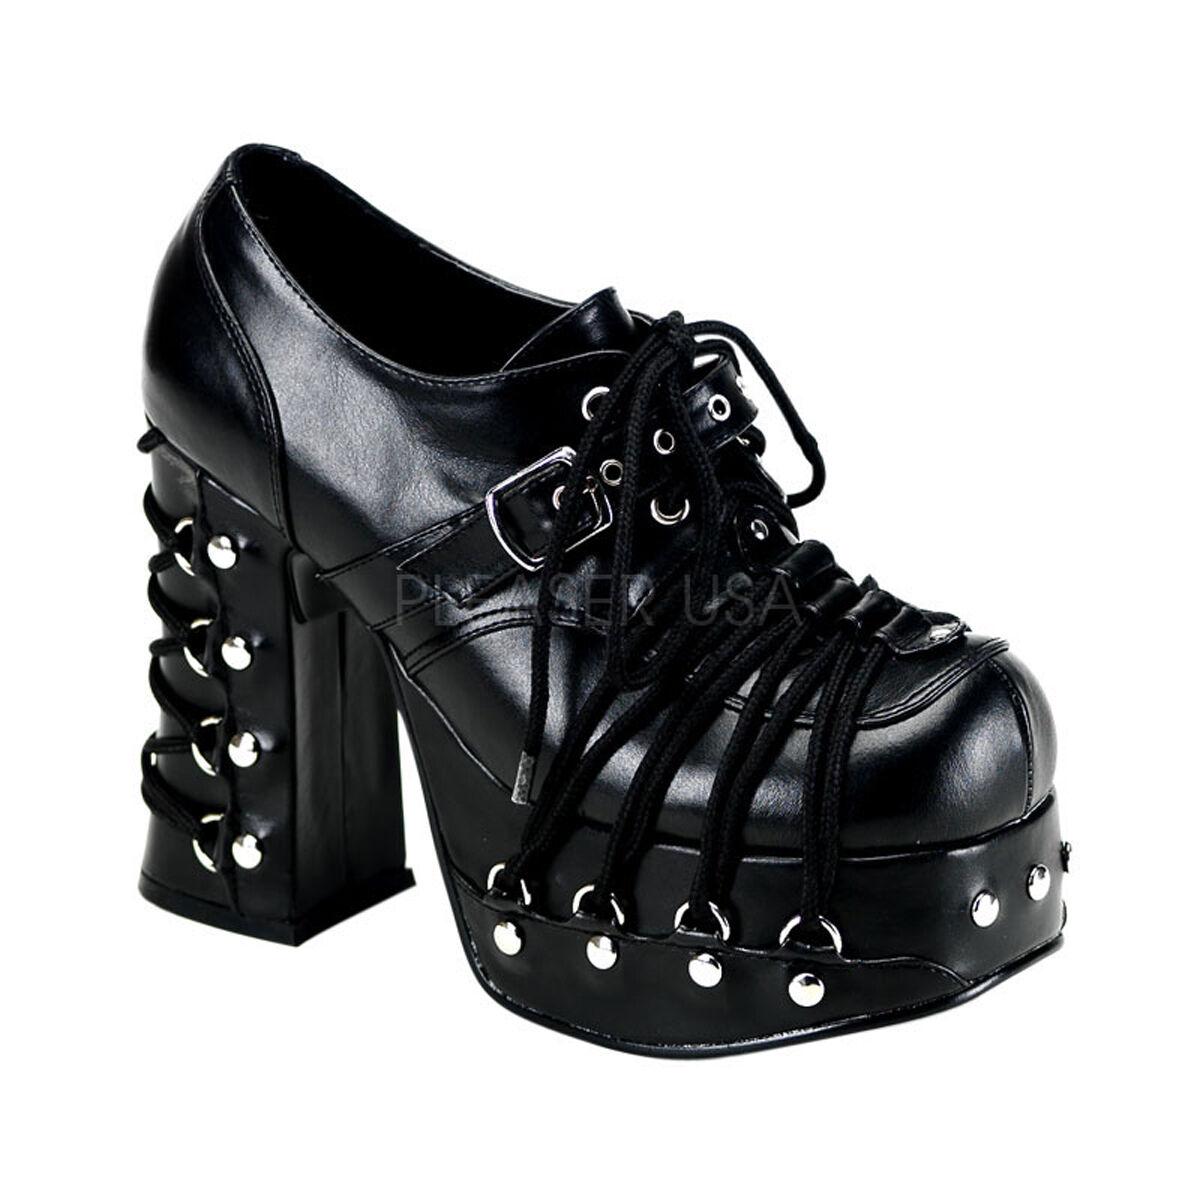 DEMONIA Goth CHA35/B/PU Punk Dark Goth DEMONIA Schuhes Lace Up Bondage Platform Oxfords Heels 2242a0